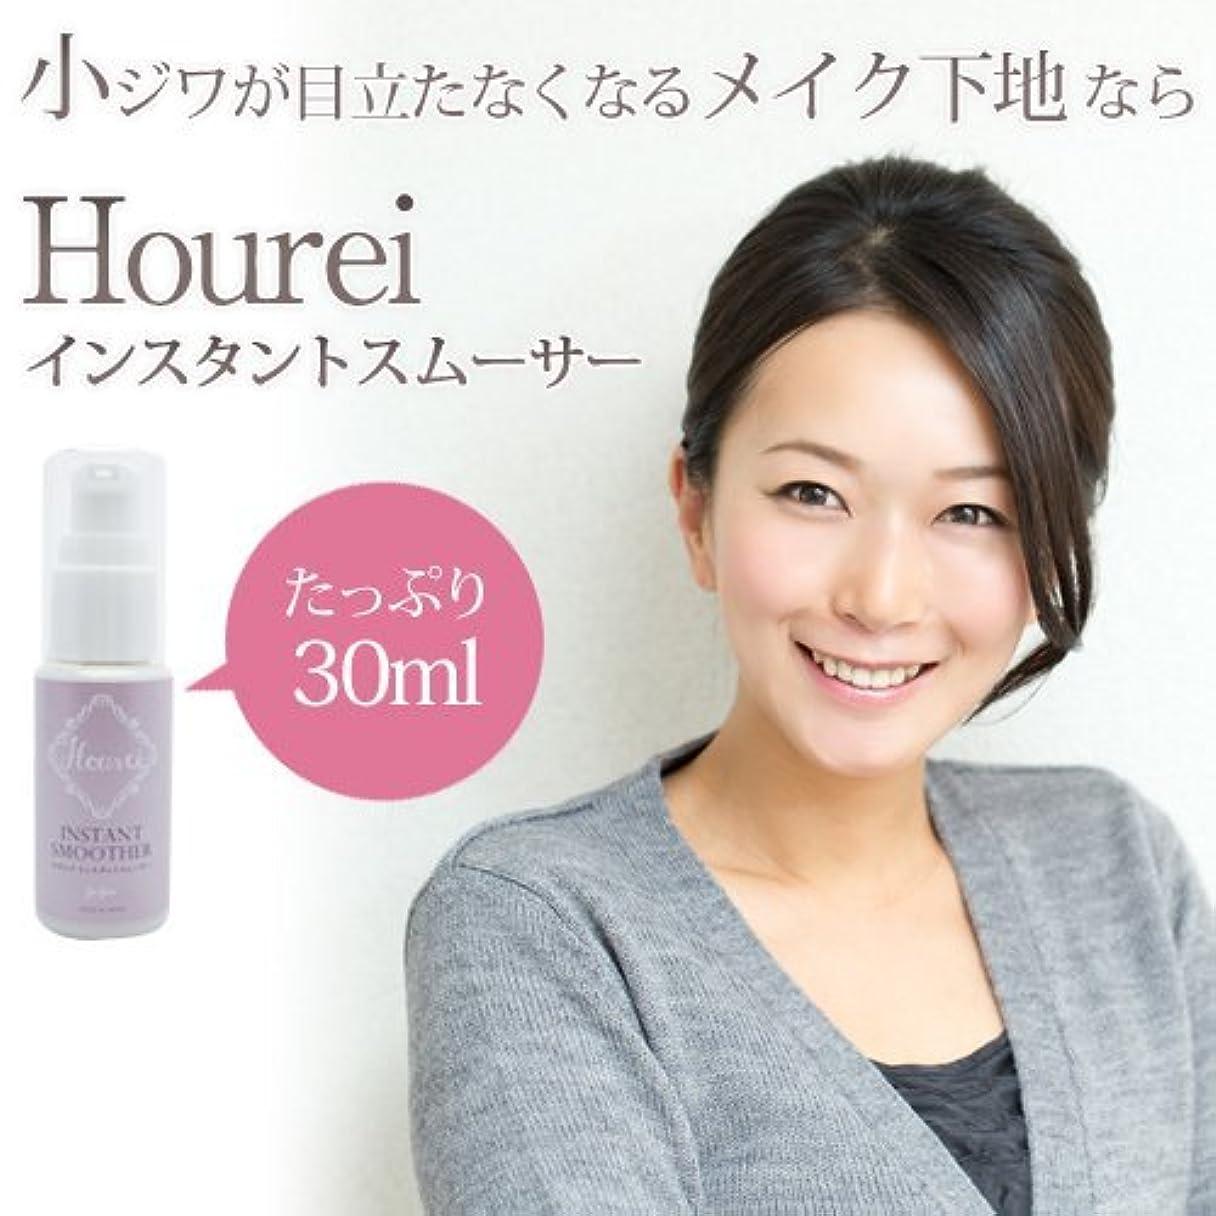 葉っぱ本質的に松Hourei(ホウレイ) インスタントスムーサー30ml